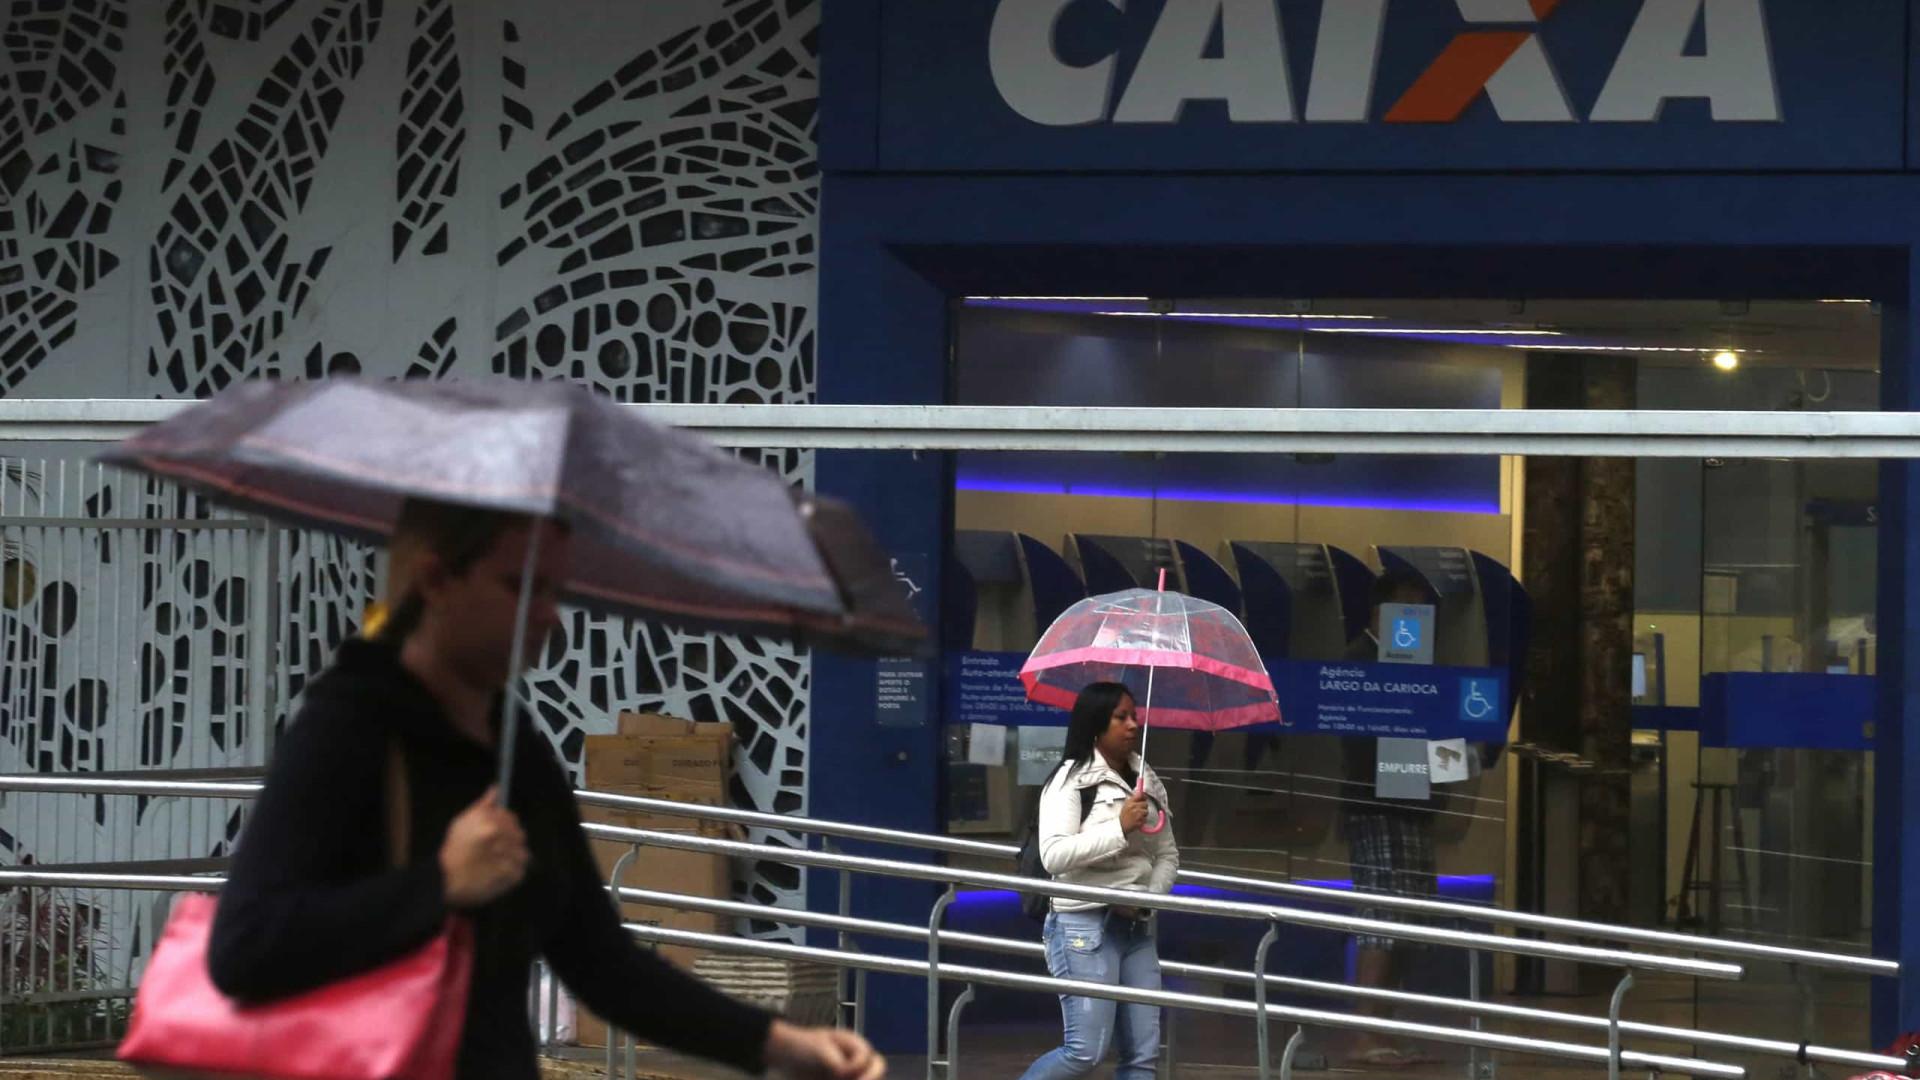 Caixa registra queda de 22,2% em lucro no primeiro trimestre